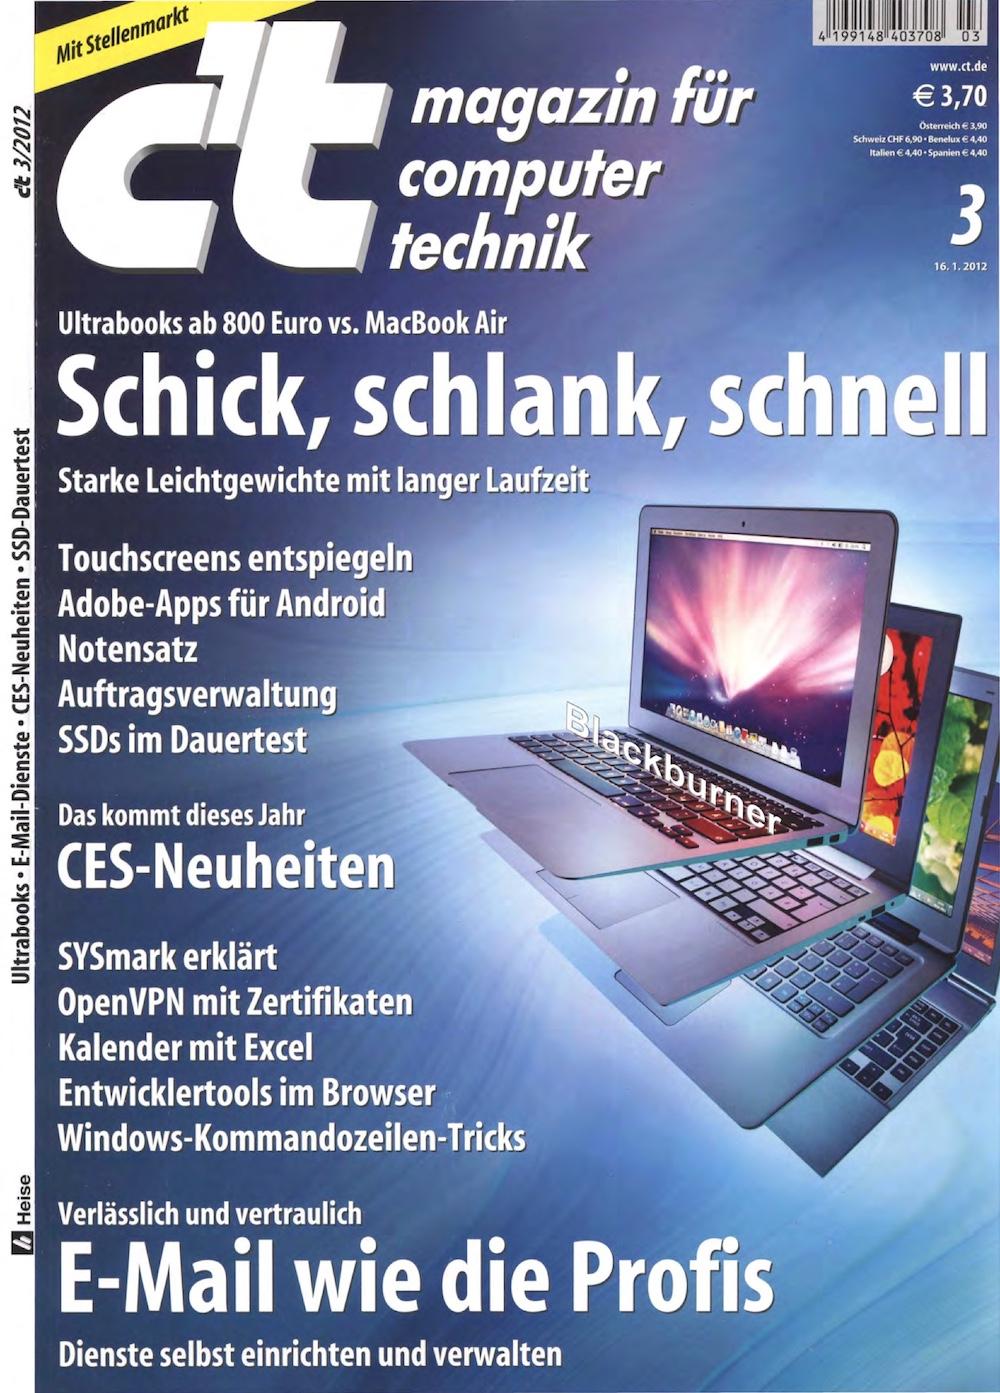 c't Magazin 2012-03